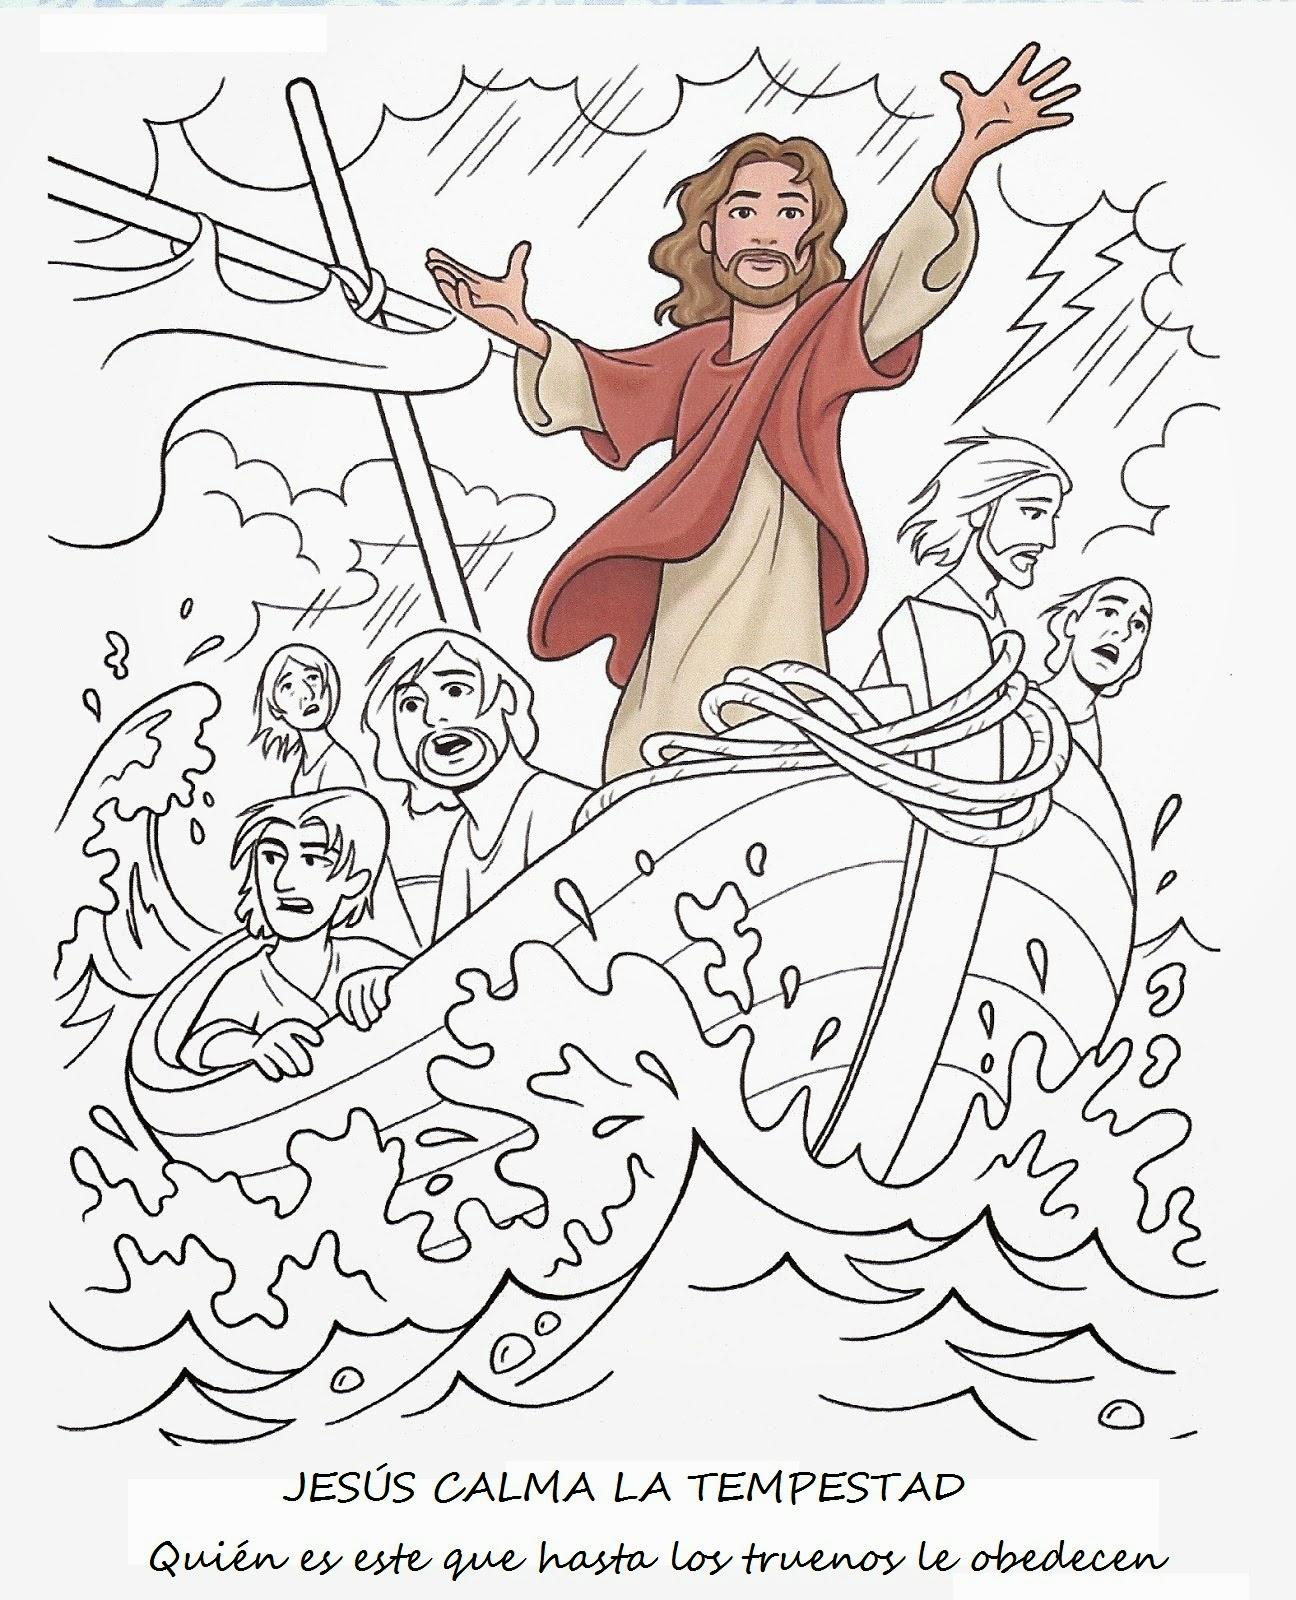 ME ABURRE LA RELIGION JESUS CALMA LA TEMPESTAD